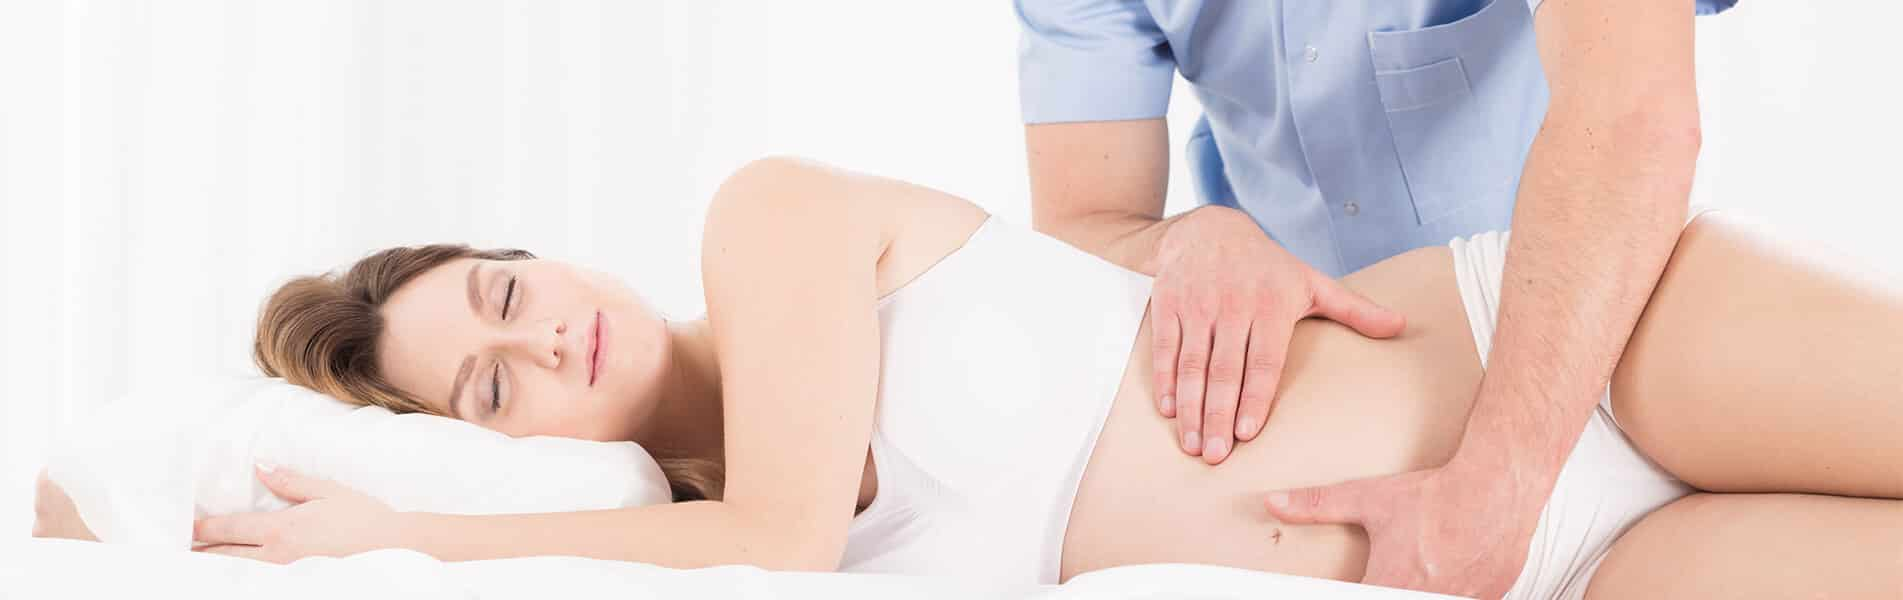 Pôle santé de la femme et ostéopathie